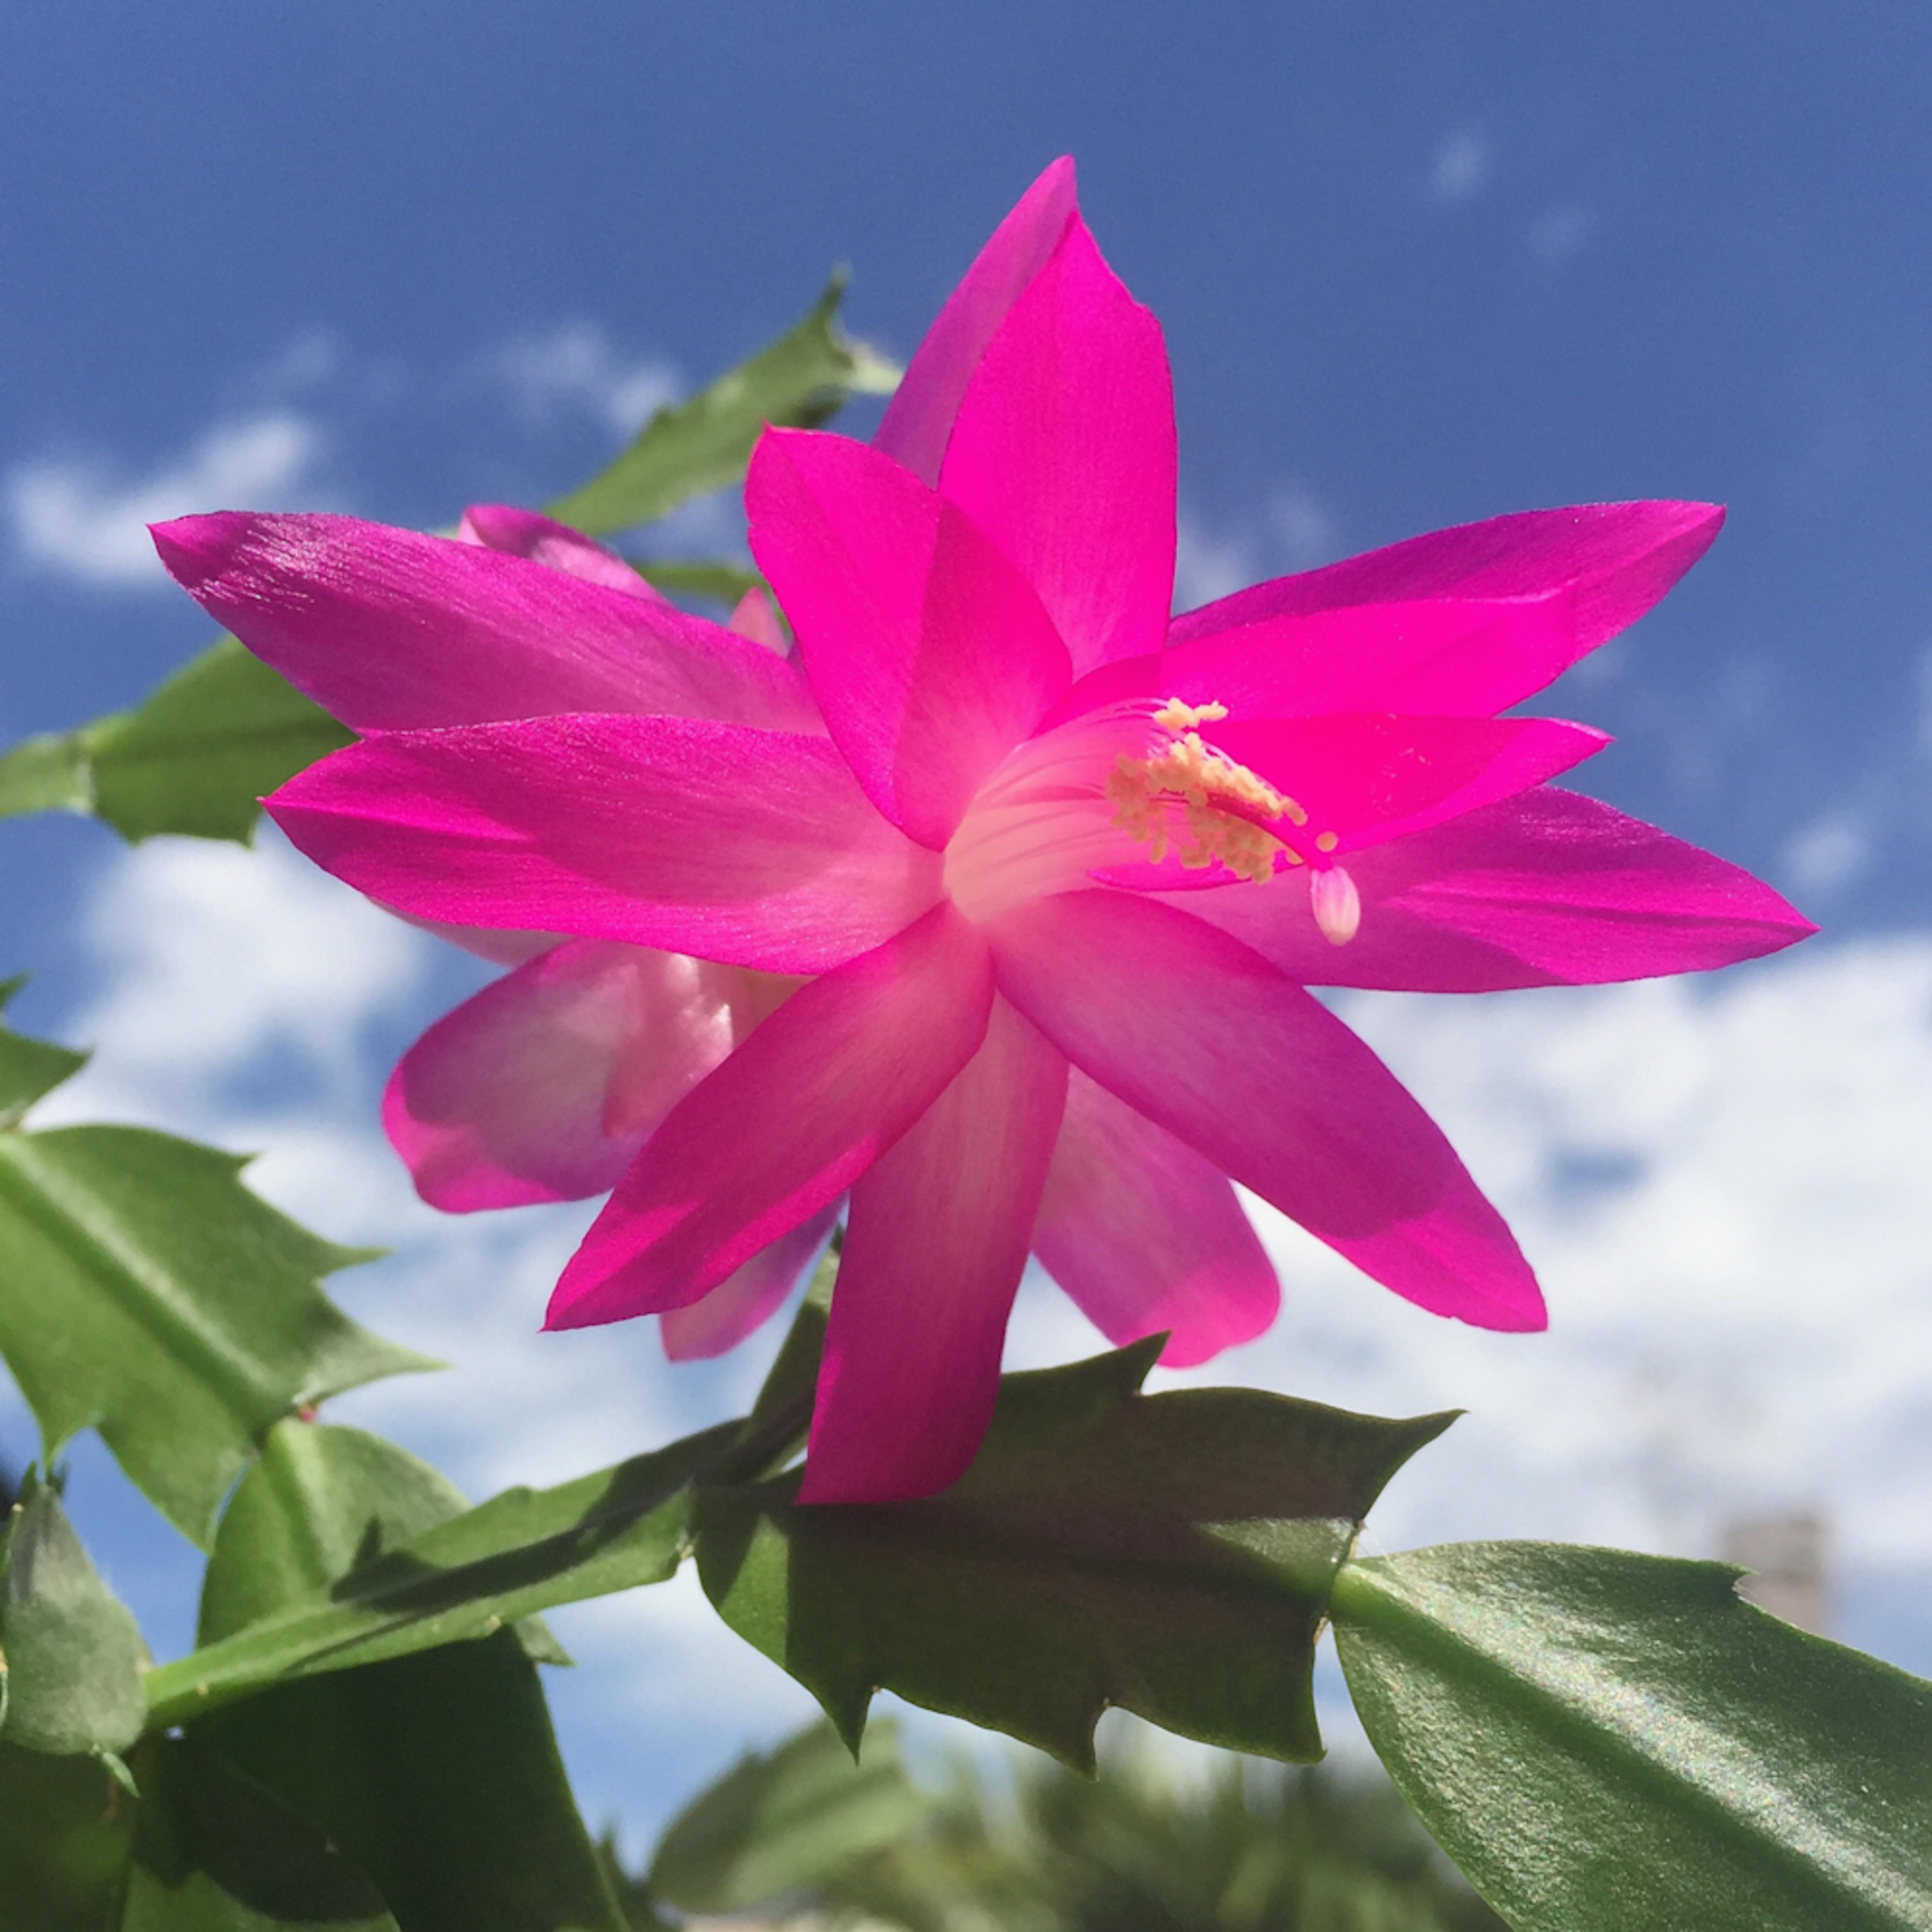 Xmas cactus flower sto702